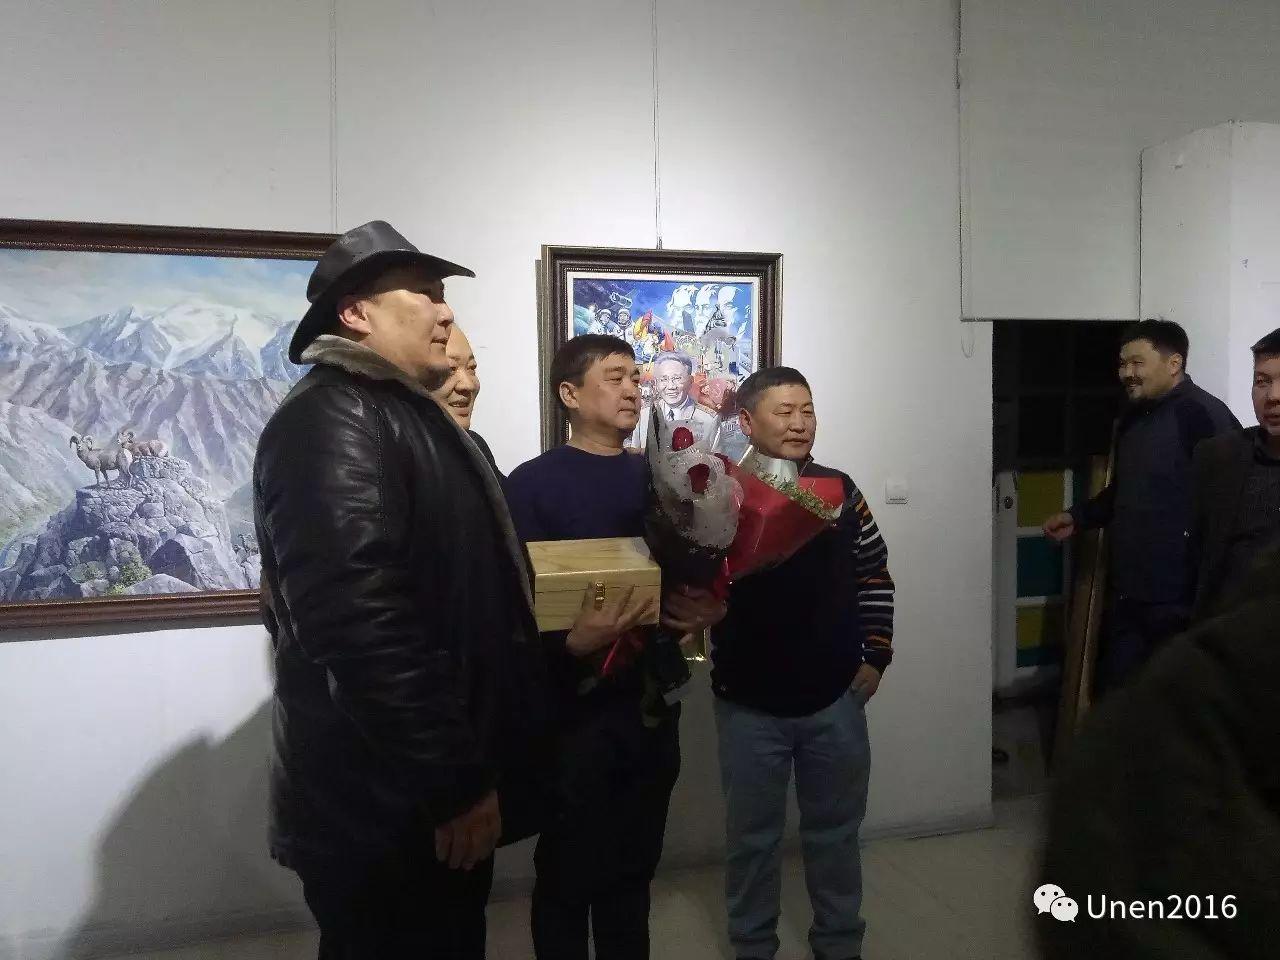 【Unen】美术:蒙古国青年画家巴雅尔的油画作品 第2张